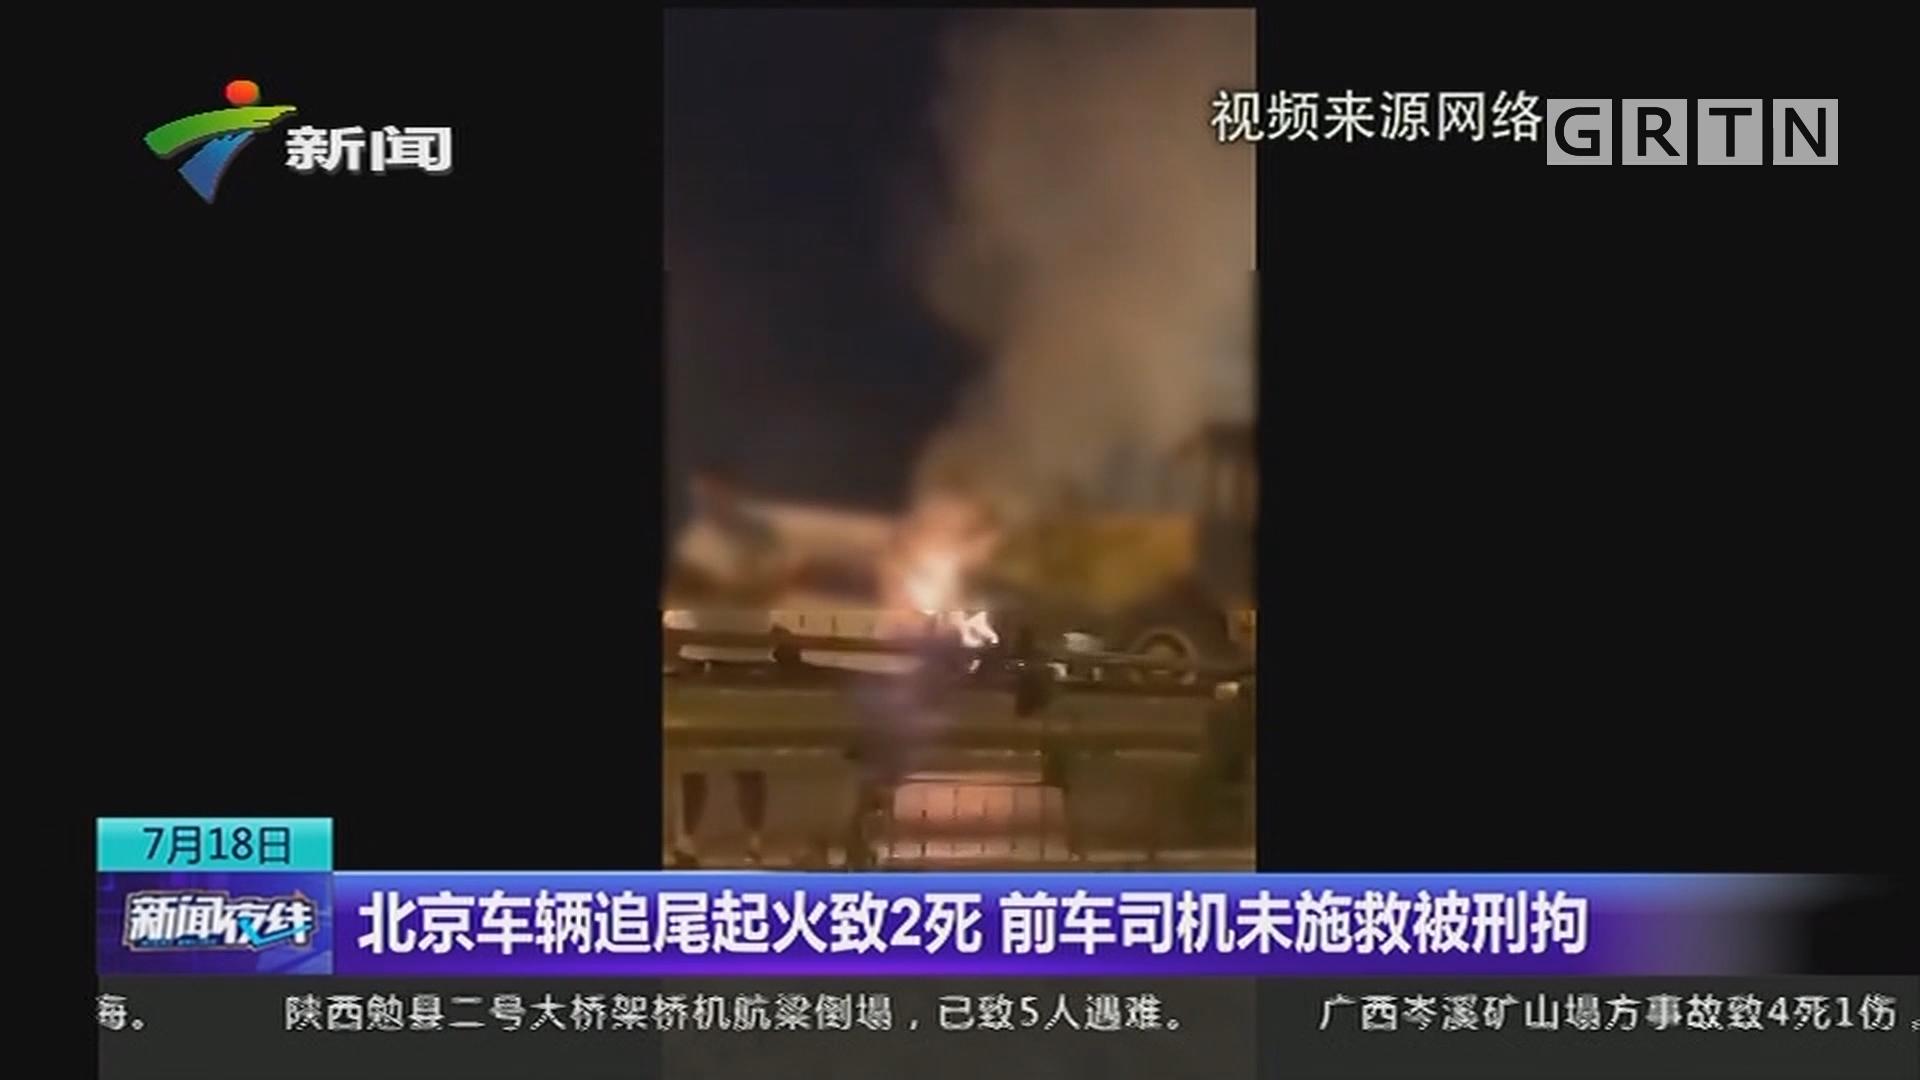 北京车辆追尾起火致2死 前车司机未施救被刑拘